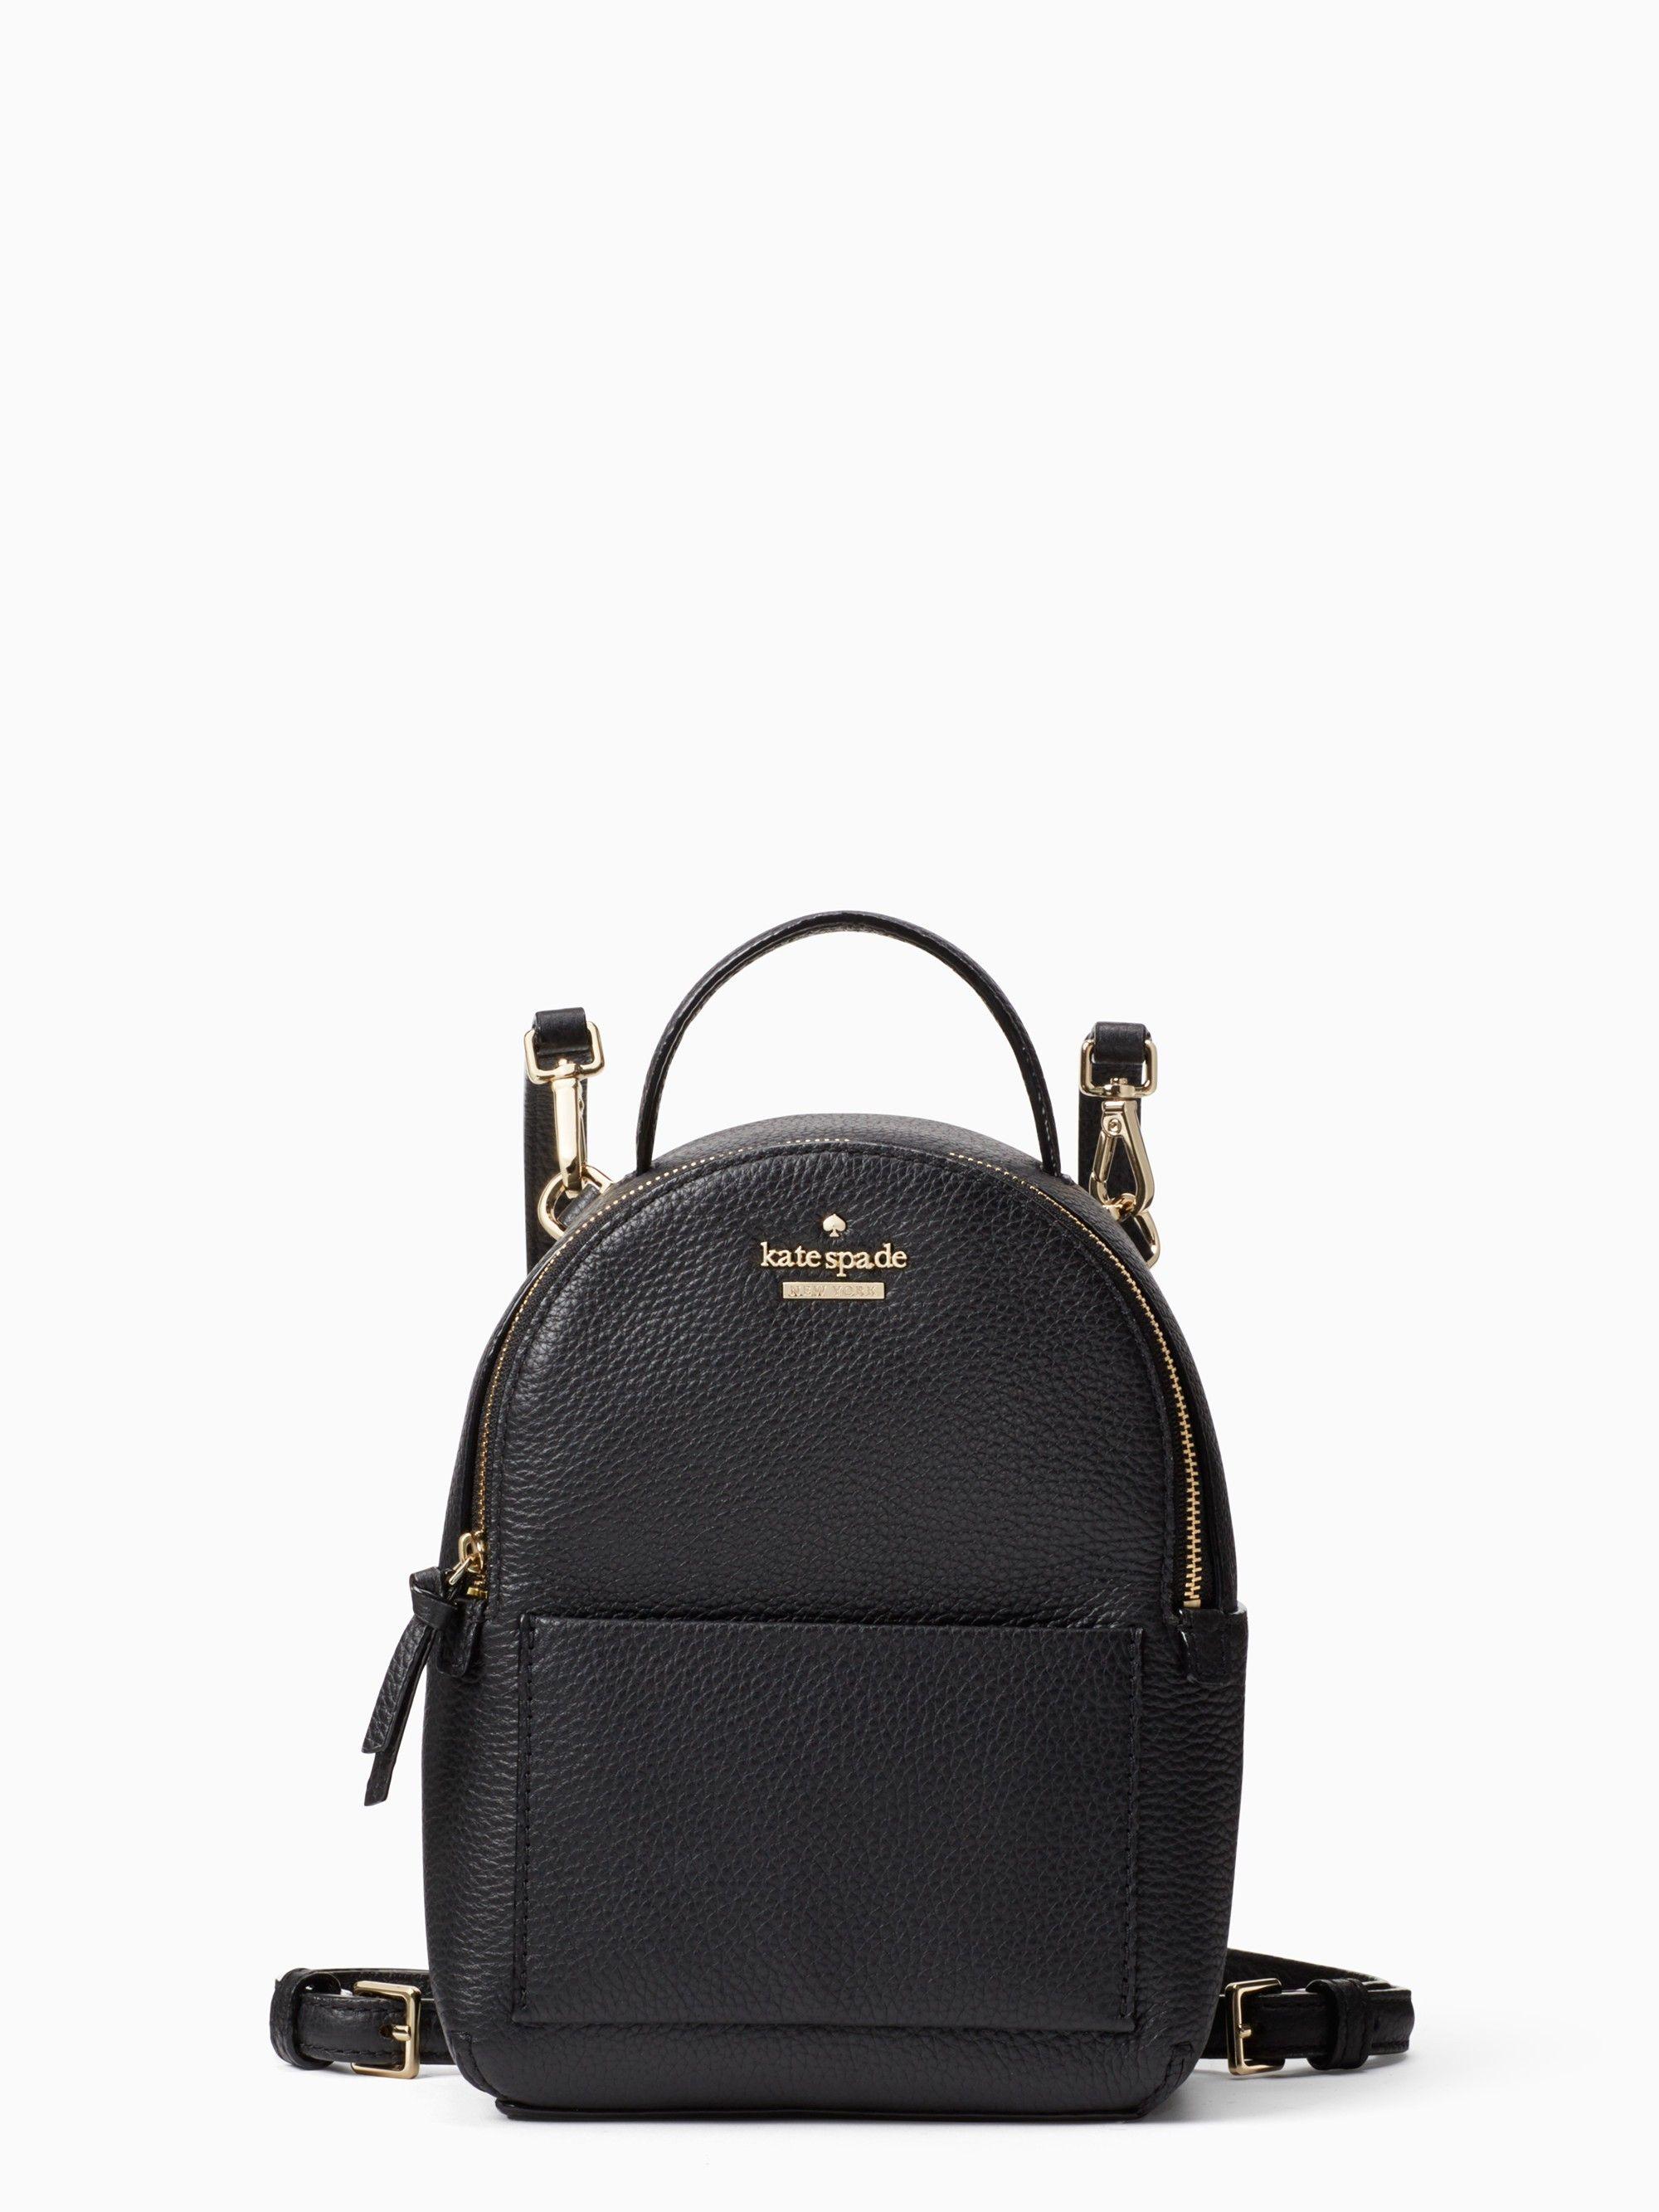 670e1e64d3648 KATE SPADE jackson street merry.  katespade  bags  leather  lining   backpacks